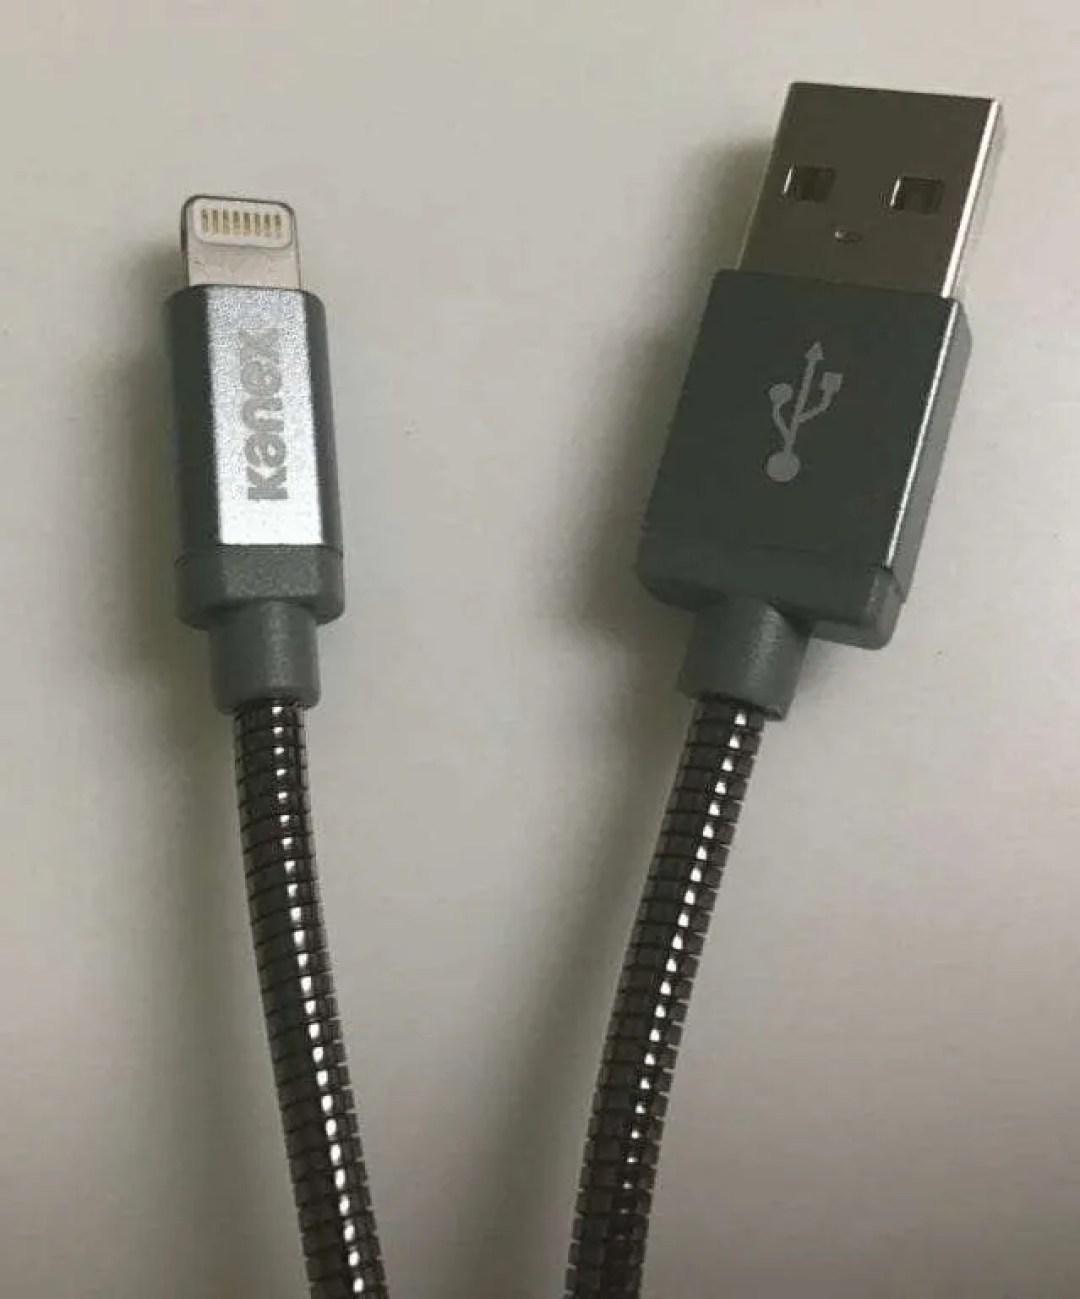 Duraflex connection